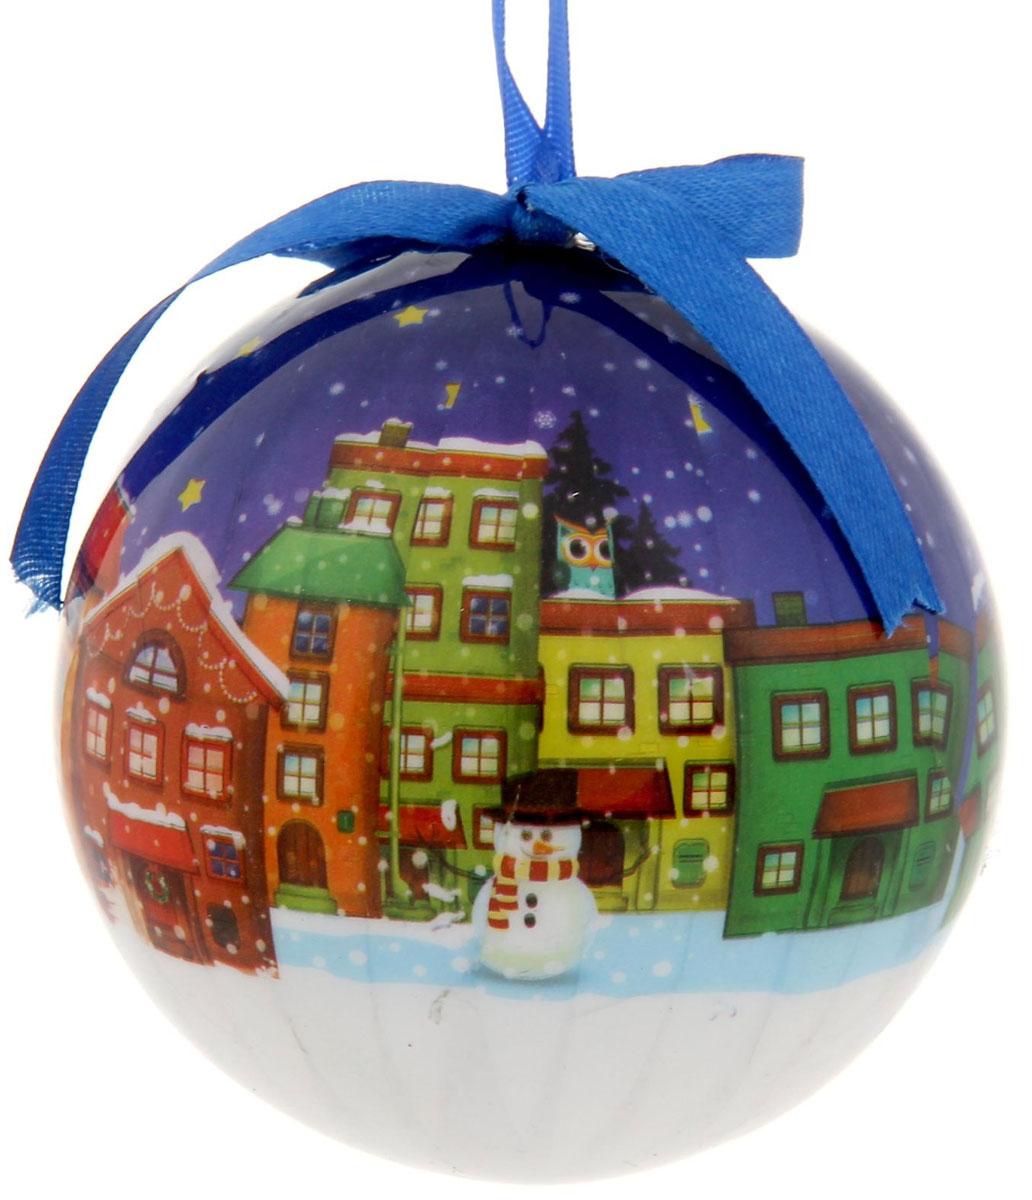 Новогоднее подвесное украшение Sima-land Домики, диаметр 10 см1099613Новогоднее подвесное украшение Sima-land Домики, выполненное из пенопласта и ПВХ, оформлено изображением города в Новогоднюю ночь. С помощью специальной текстильной петельки украшение можно повесить в любом понравившемся вам месте. Но, конечно, удачнее всего оно будет смотреться на праздничной елке.Елочная игрушка - символ Нового года. Она несет в себе волшебство и красоту праздника. Создайте в своем доме атмосферу веселья и радости, украшая новогоднюю елку нарядными игрушками, которые будут из года в год накапливать теплоту воспоминаний.